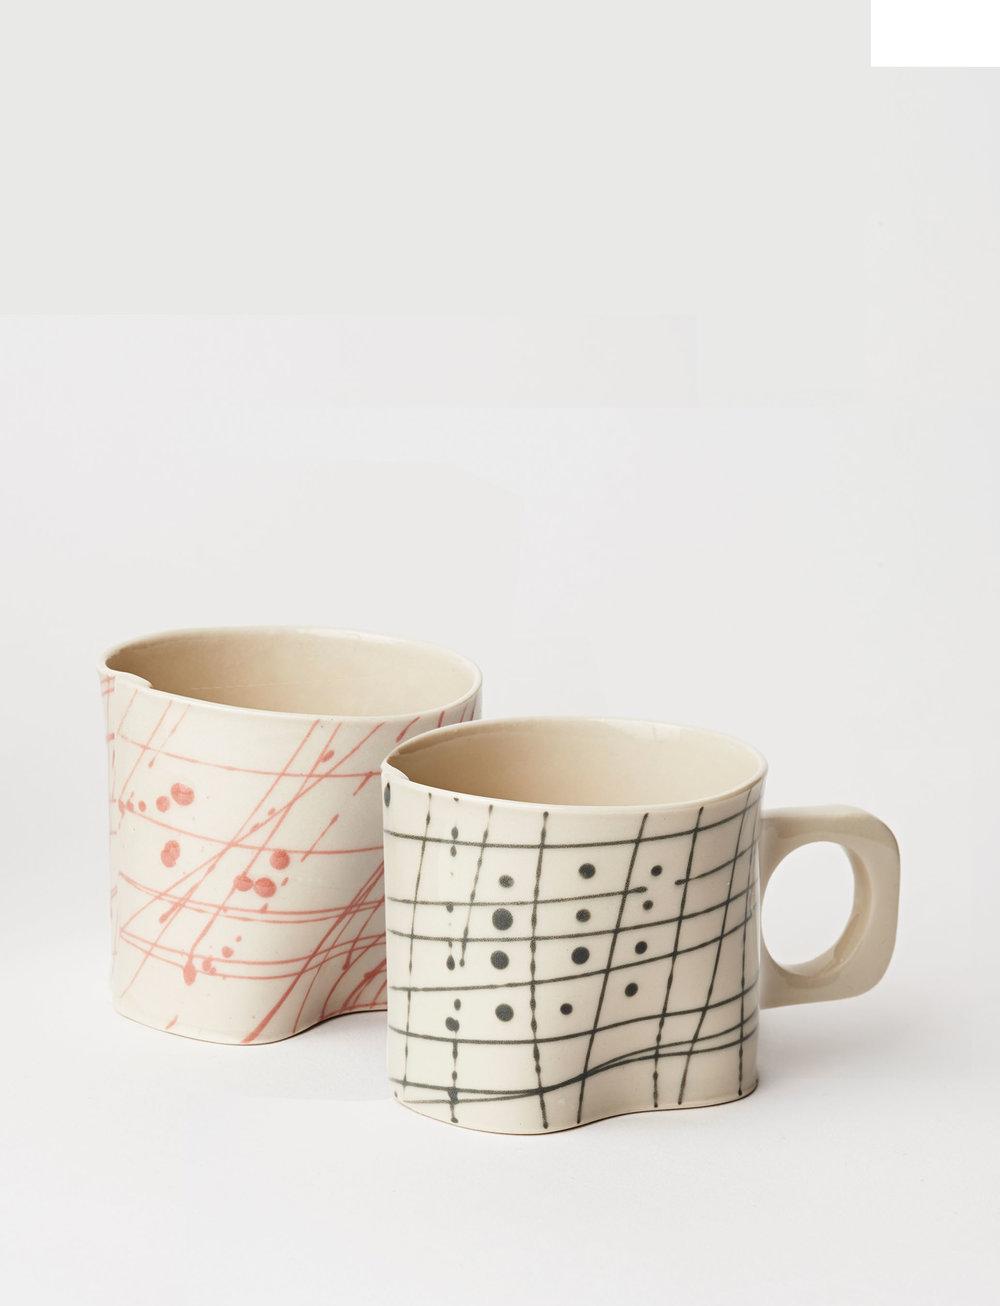 cup workshop.jpg